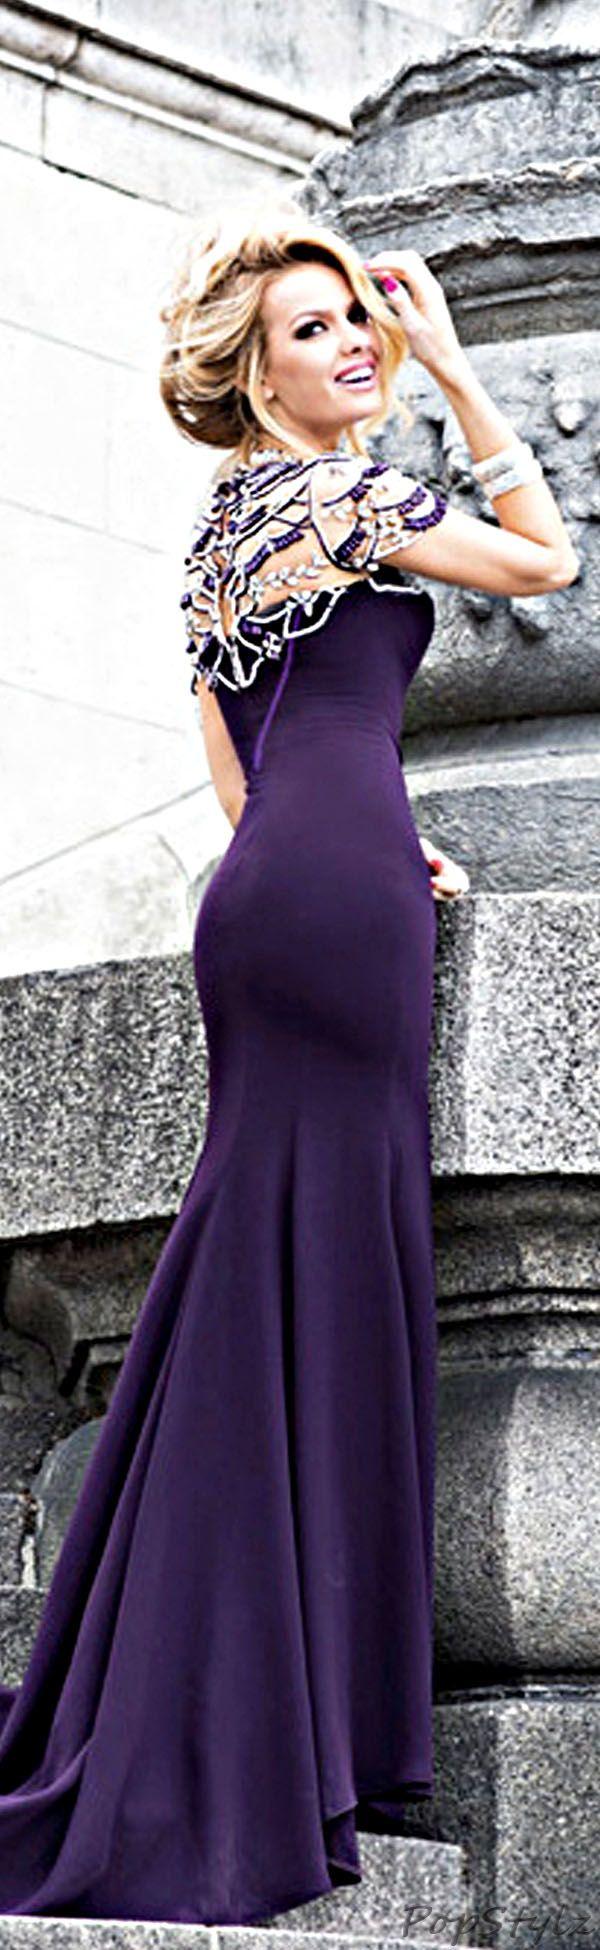 Tarik Ediz 93017 Evening 2014 Gown. Beautiful dress.